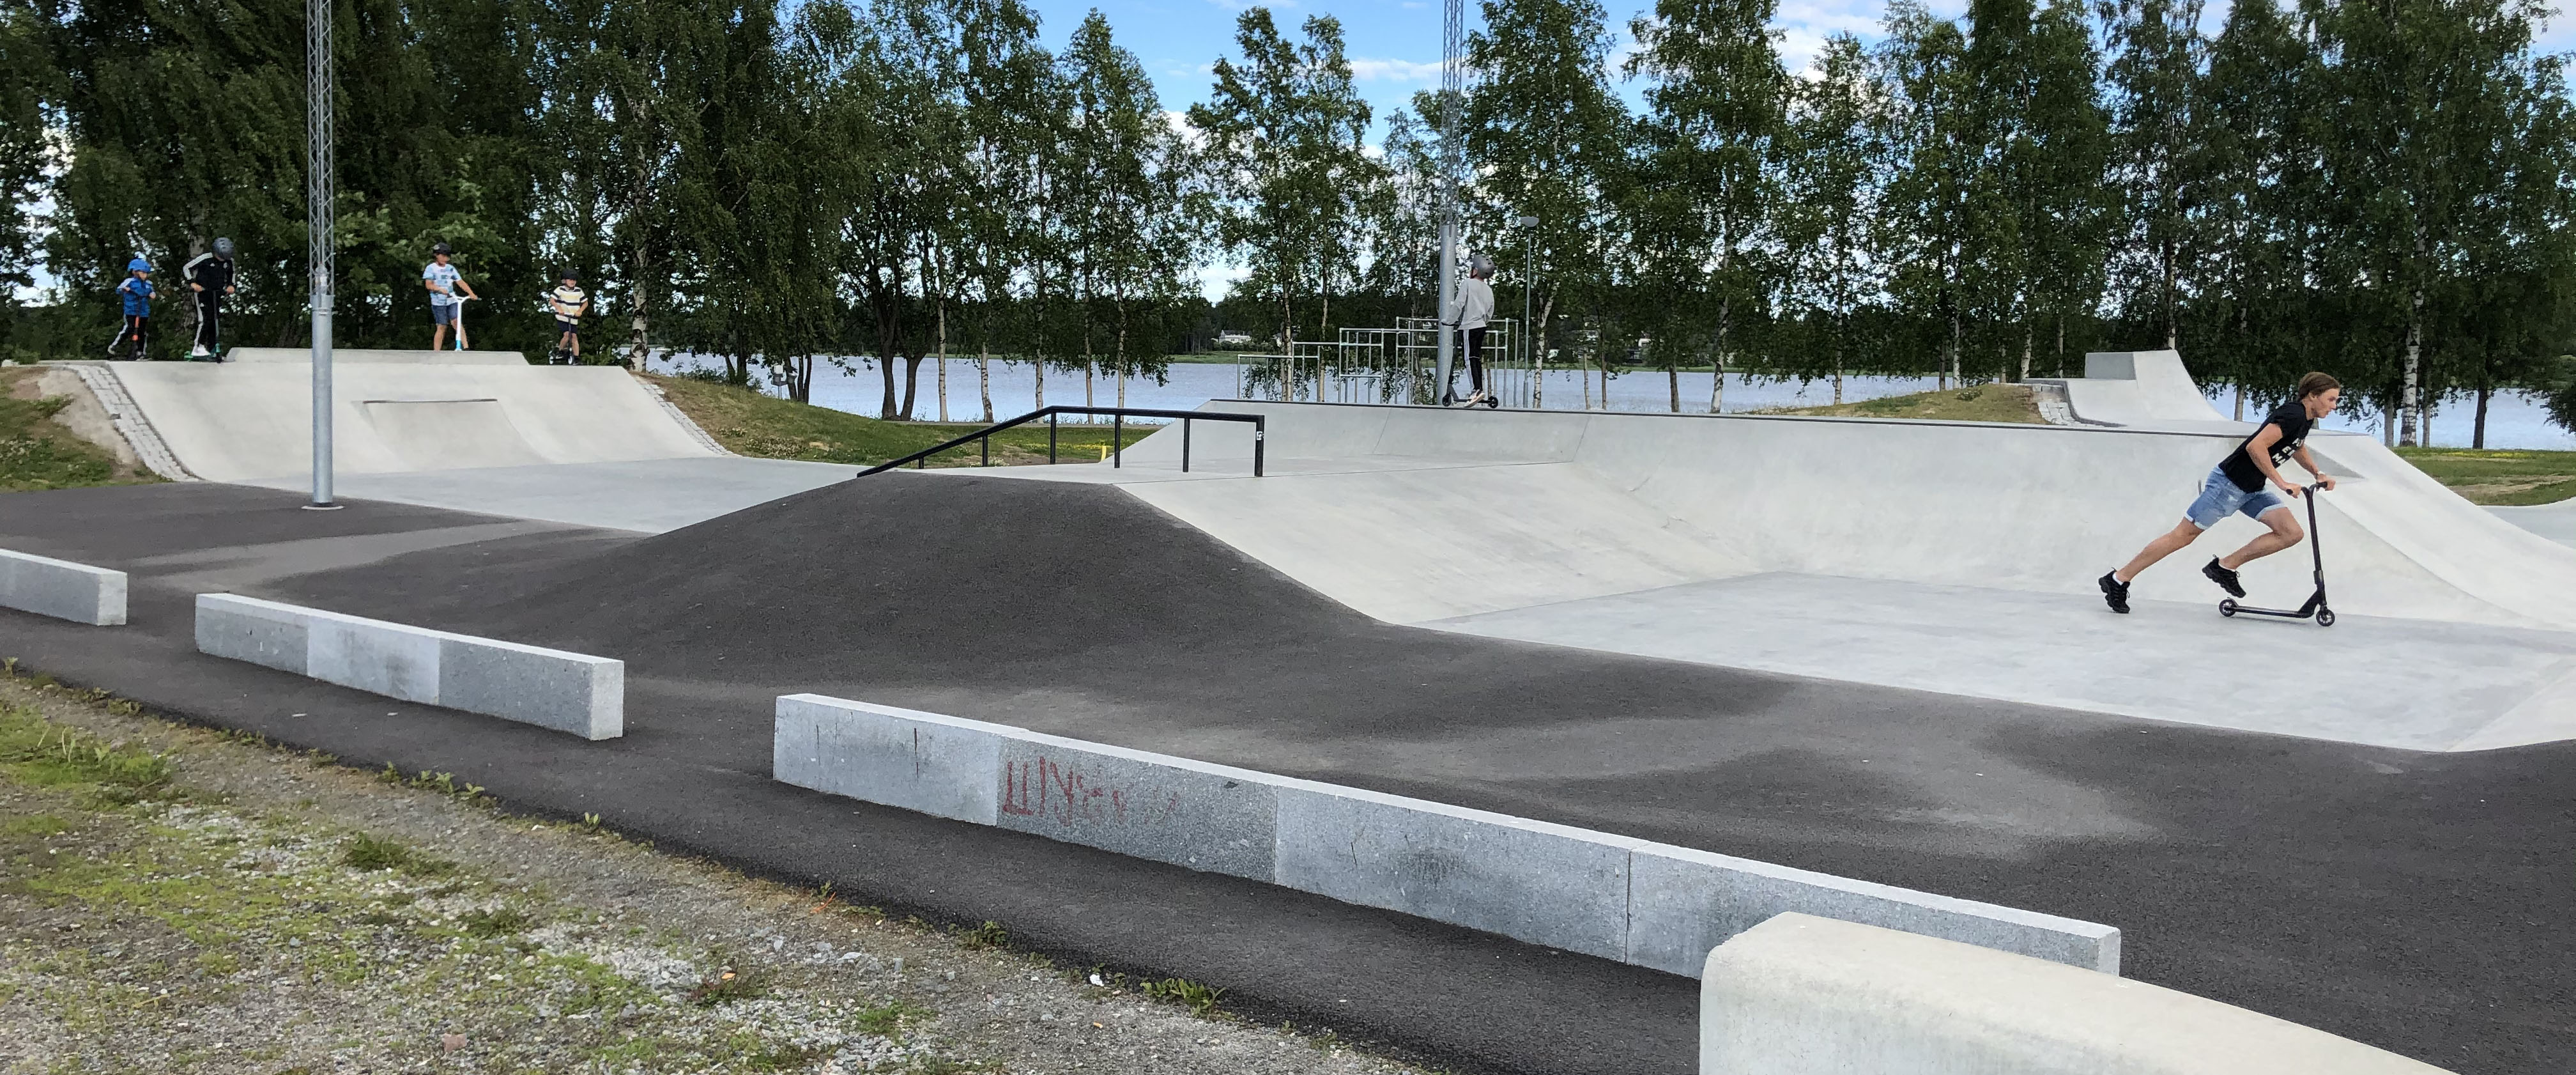 Norrstrand Aktivitetspark